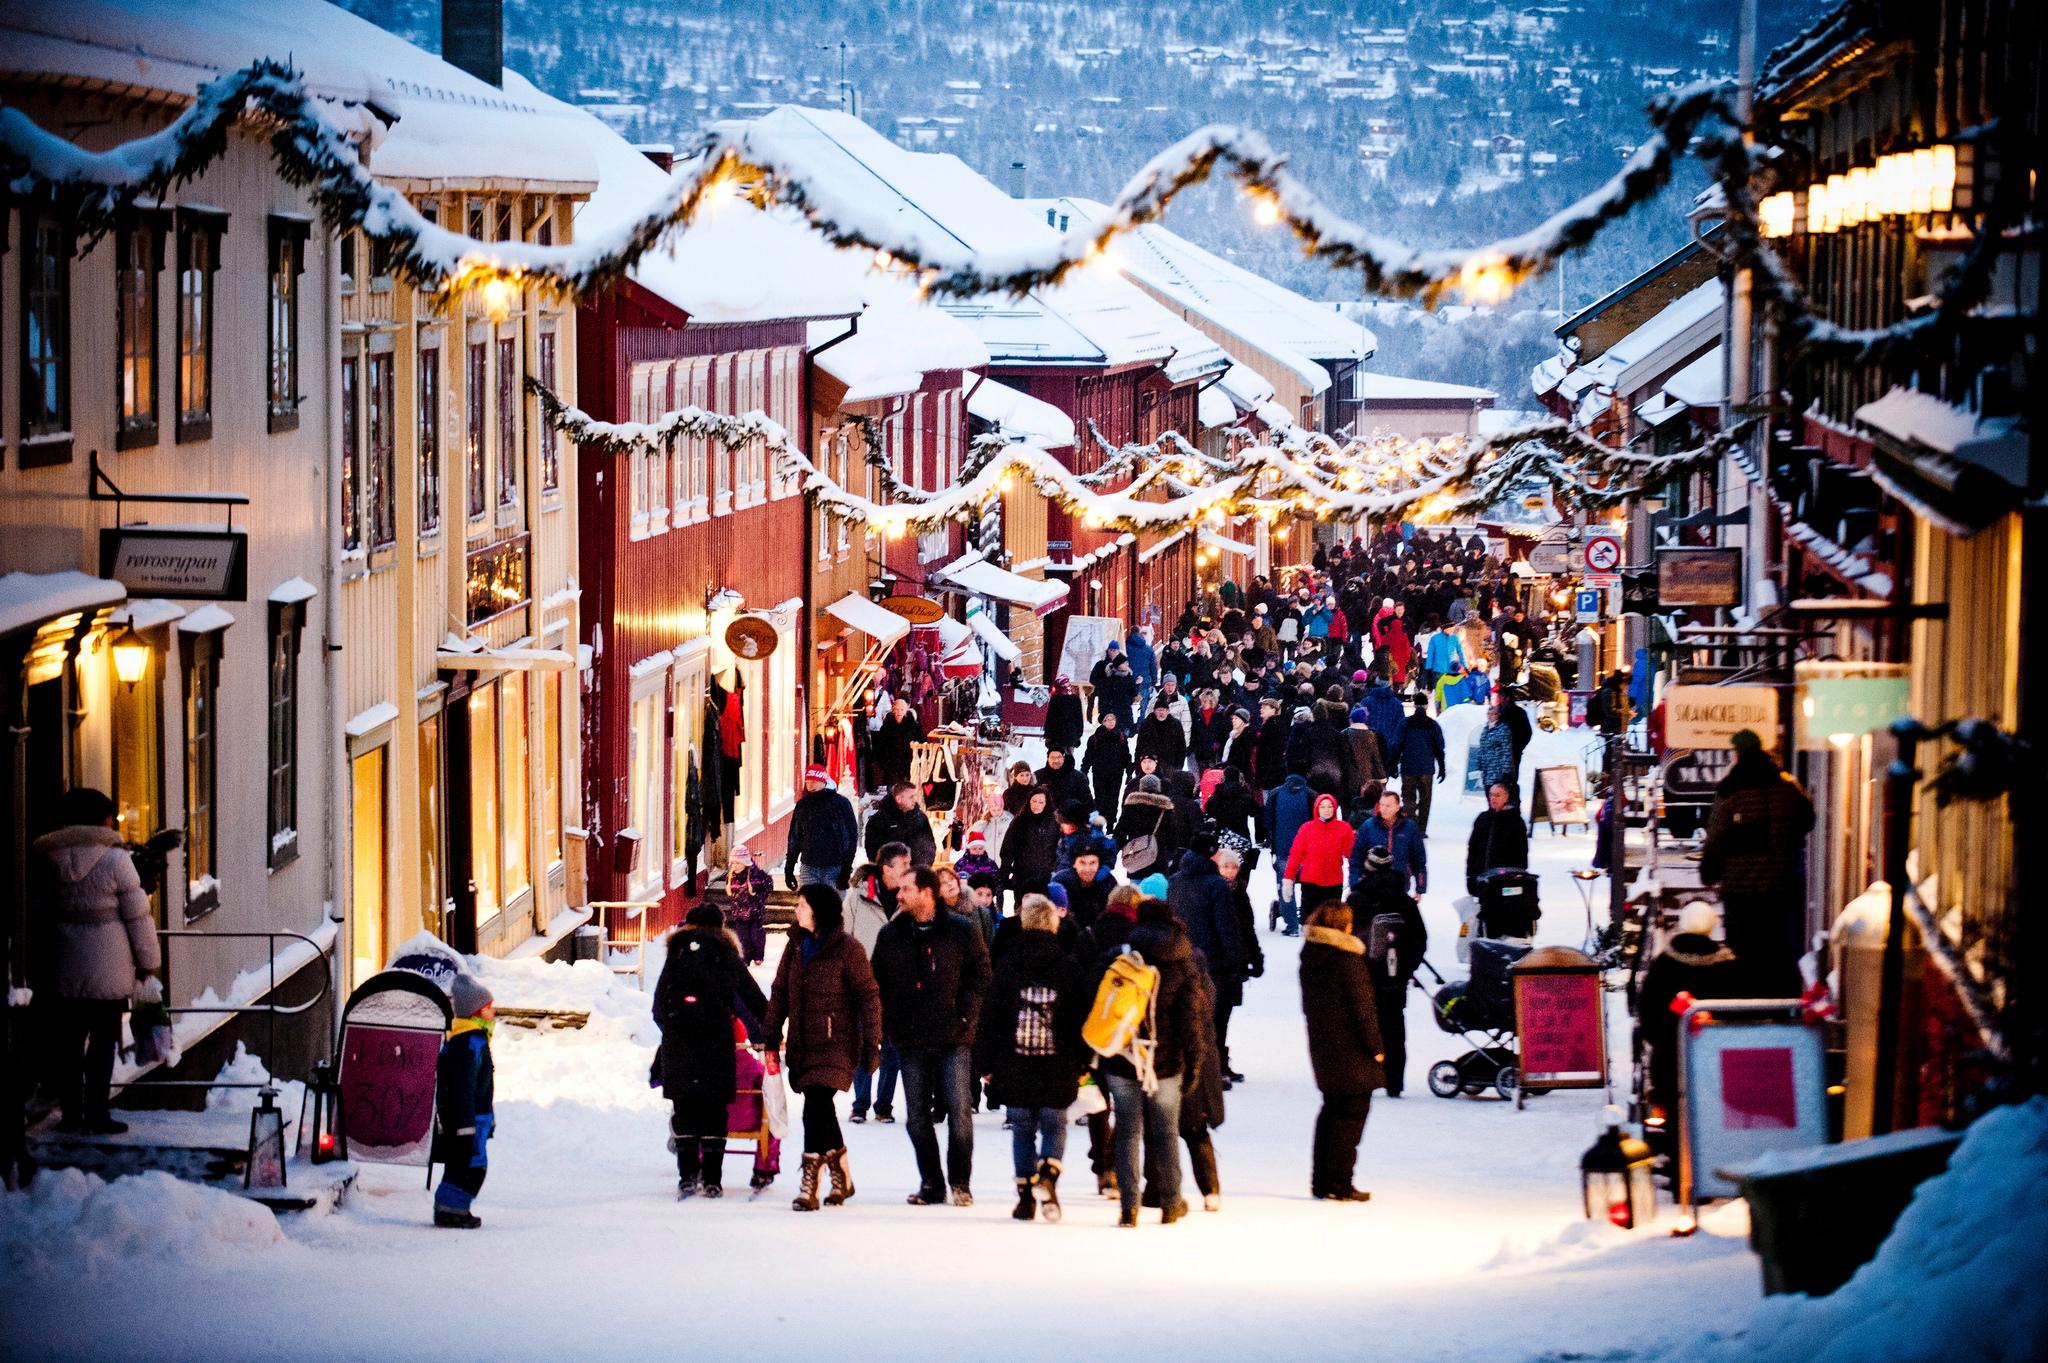 Julehandel i Kjerkgata på Røros under det populære julemarkedet. Foto: Innovation Norway_Thomas Rasmus Skaug